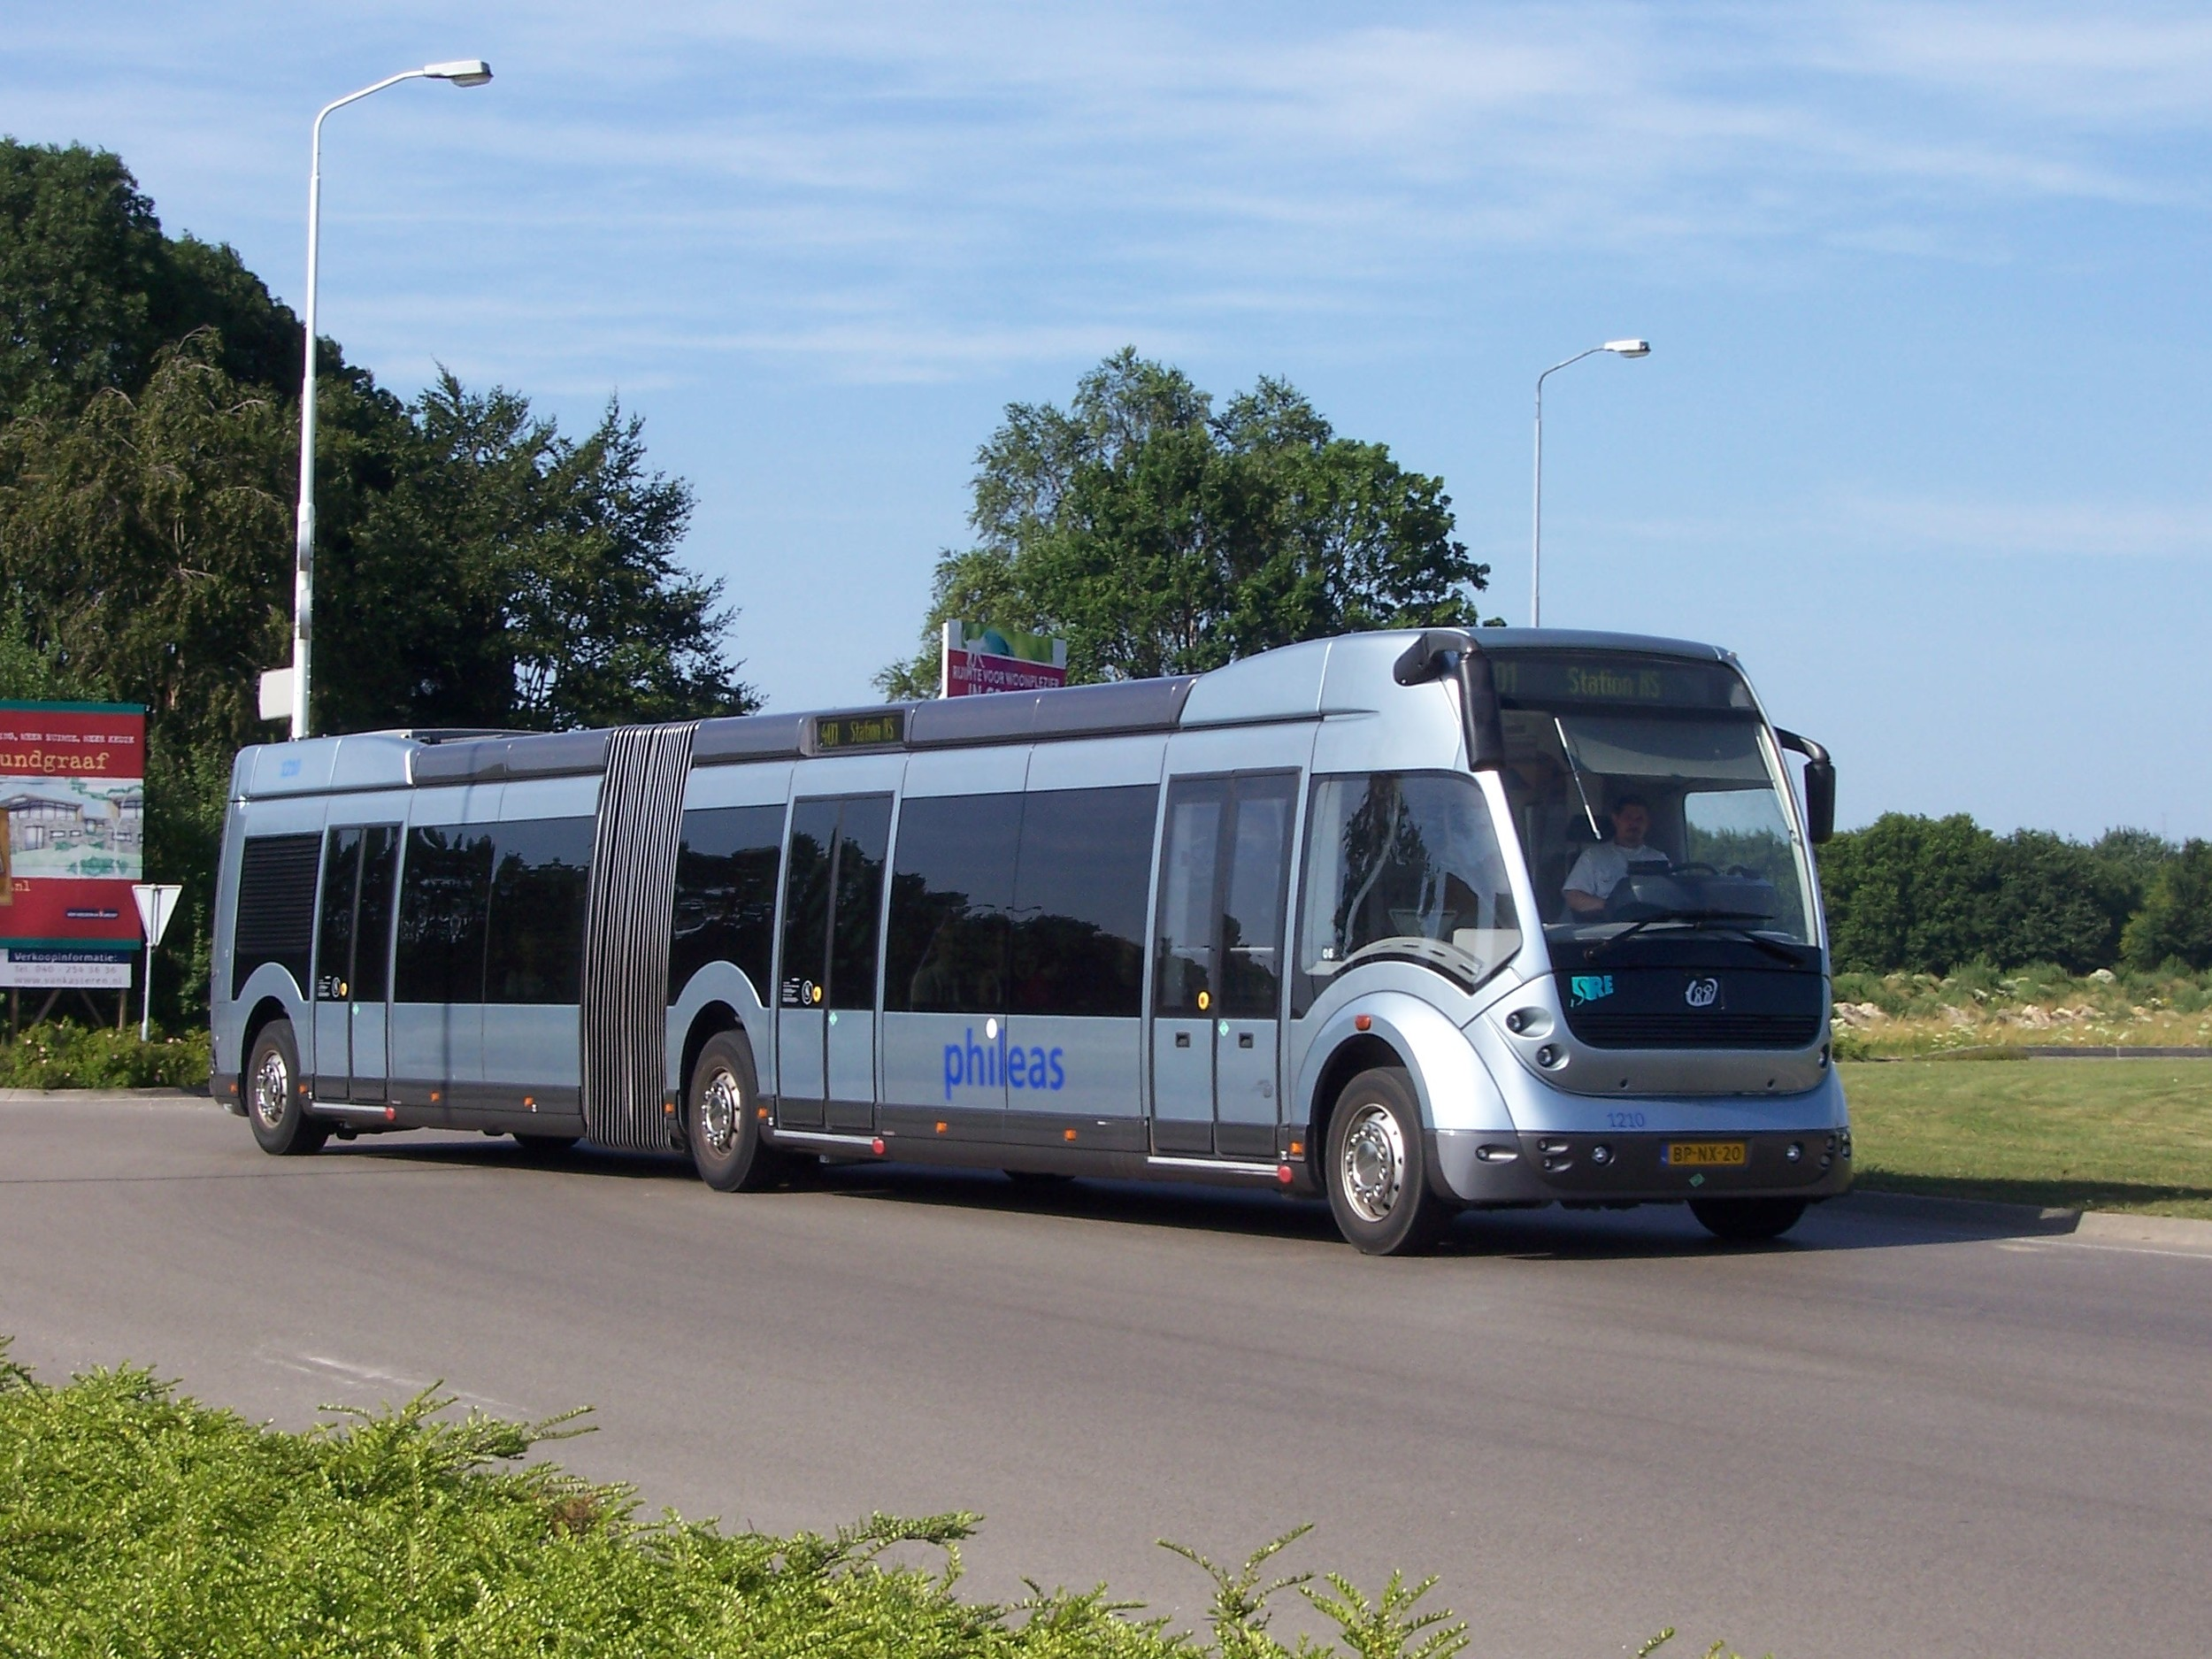 Původně měly v systému sloužit trolejbusy postavené na platformě autobusů Phileas z Nizozemska. (zdroj: Wikipedia.org)